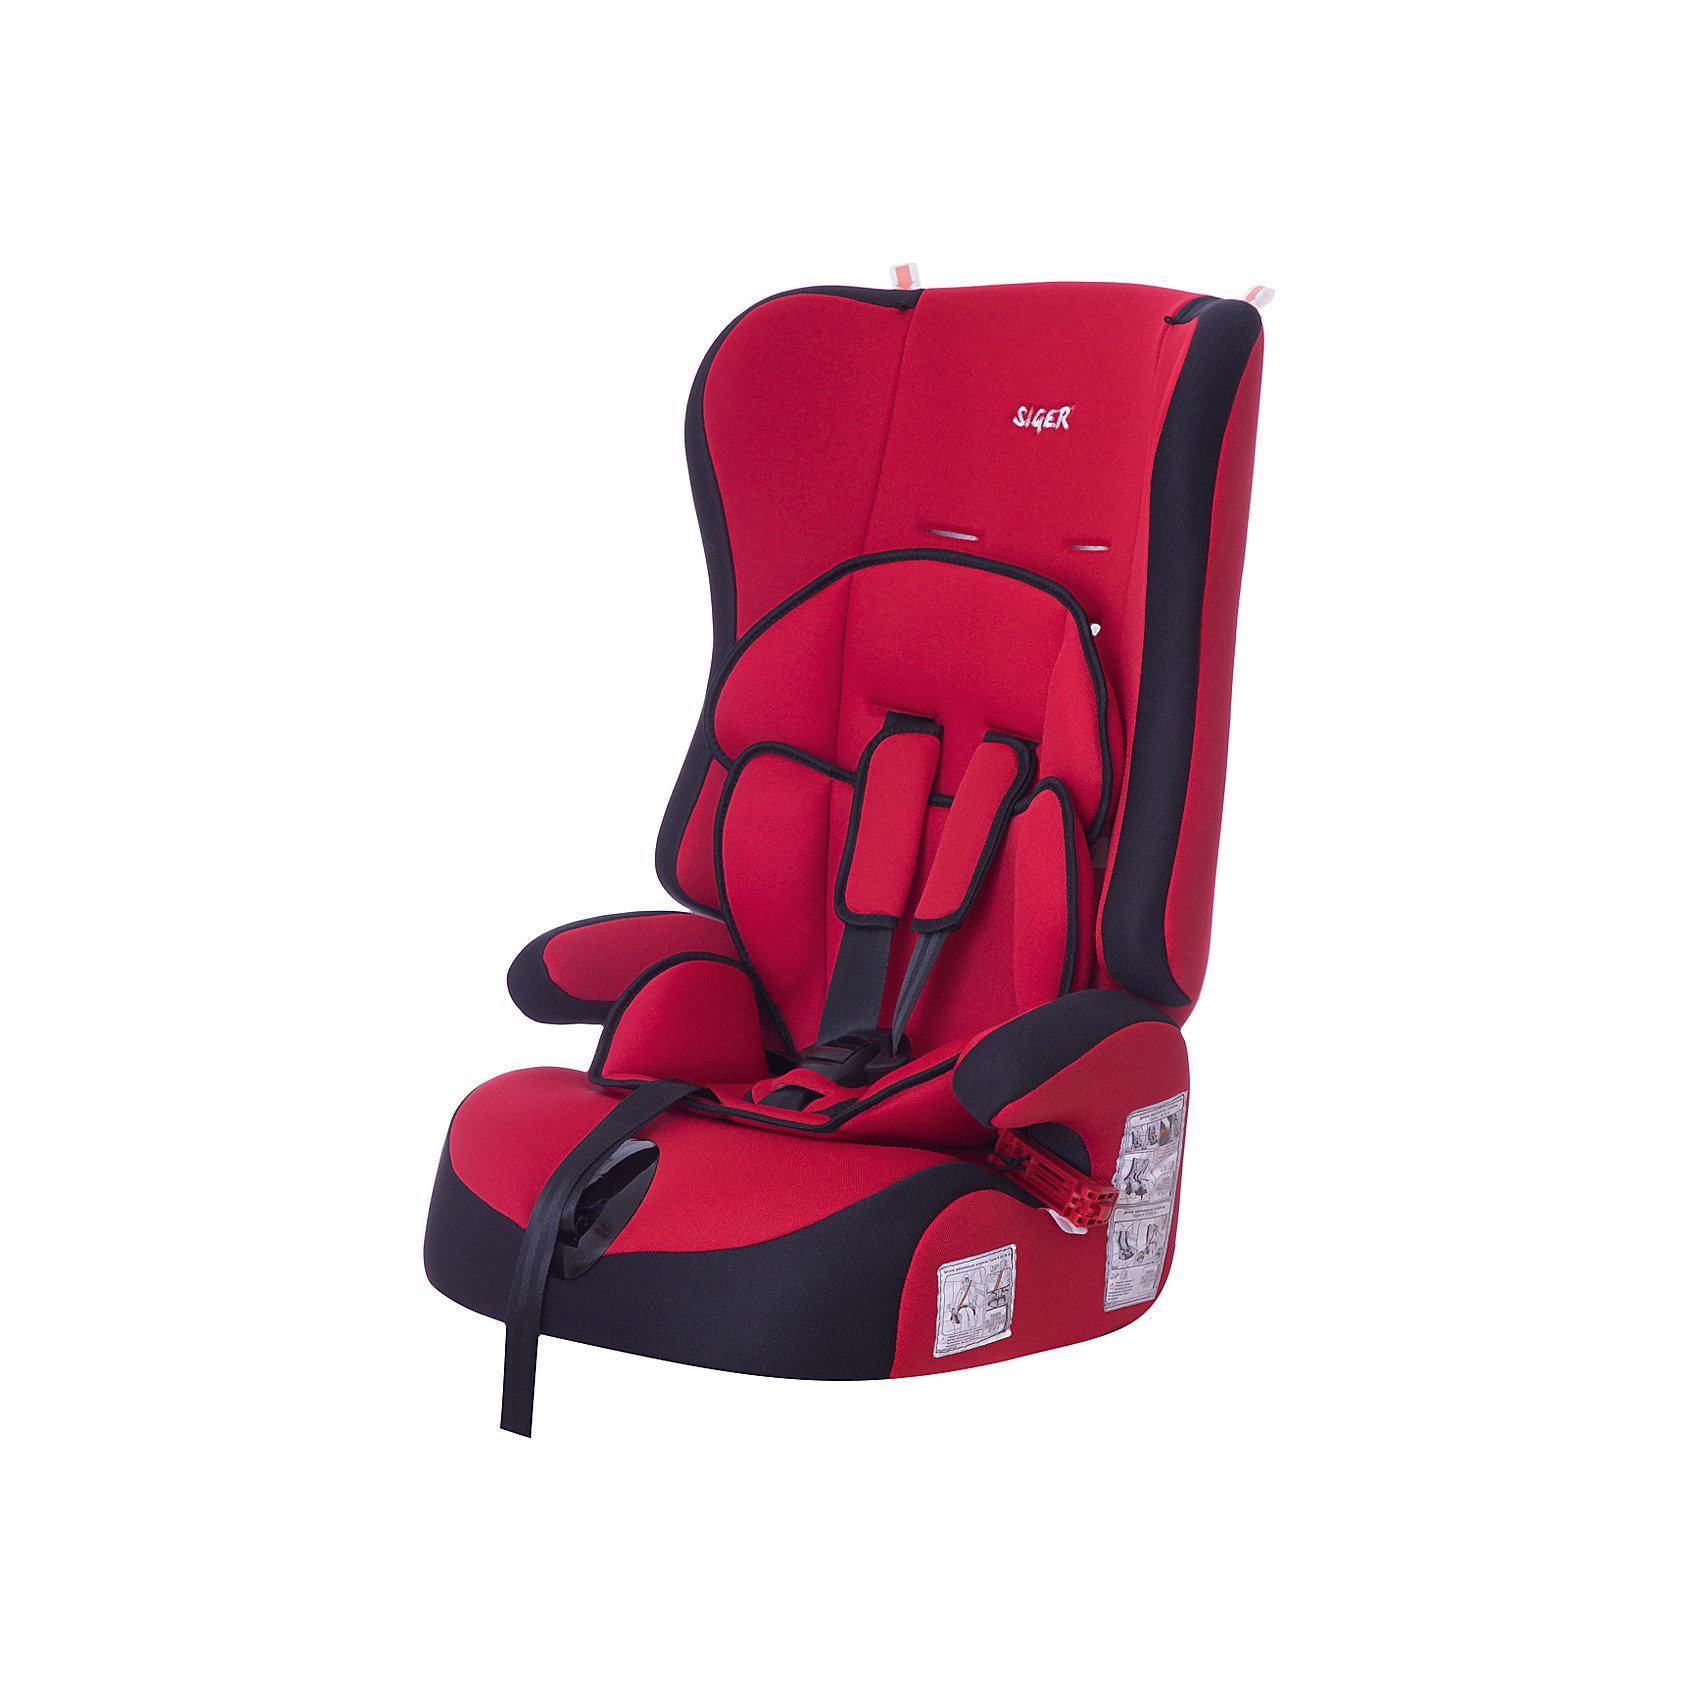 Автокресло  Прайм, 9-36 кг., SIGER, красныйДетское автомобильное кресло SIGER  Прайм.  <br>Подходит для детей весом от 9 до 36 килограмм. Возрастная категория от 1 года до 12 лет. <br>Описание:<br>- трансформируется в модели «-Спорт» и «-Бустер»;<br>- чехол – трикотажное полотно, плотность 250 г/м2;<br>- специальная G-скоба, облегчающая установку кресла;<br>- ортопедическая спинка и особая форма подголовника защищает голову и плечи малыша от боковых ударов;<br>- двухпозиционная регулировка внутреннего ремня (лето-зима);<br>- износостойкий чехол, легко стирается, не вызывает аллергических реакций, не  выгорает;<br>- ортопедическая округлая форма сиденья предохраняет ножки малыша от затекания.<br>Дополнительная информация:<br> - ширина посадочного места – 27-34 см;<br>- глубина посадочного места – 30 см;                                                                                                                    <br>- высота посадочного места – 12 см.<br>- высота спинки – 58 см;<br>- нижнее положение ремней безопасности – 30см;<br>- среднее положение ремней безопасности – 35см;<br>- верхнее положение ремней безопасности – 40см;<br>- вес – 4,8 кг.<br>- корпус – ПНД-пластмасса ПЭ2МТ76-17.<br>- цвет - красный.<br>Детское автомобильное кресло SIGER Прайм  можно купить в нашем интернет-магазине.<br><br>Ширина мм: 420<br>Глубина мм: 420<br>Высота мм: 870<br>Вес г: 4800<br>Возраст от месяцев: 12<br>Возраст до месяцев: 144<br>Пол: Унисекс<br>Возраст: Детский<br>SKU: 3340350